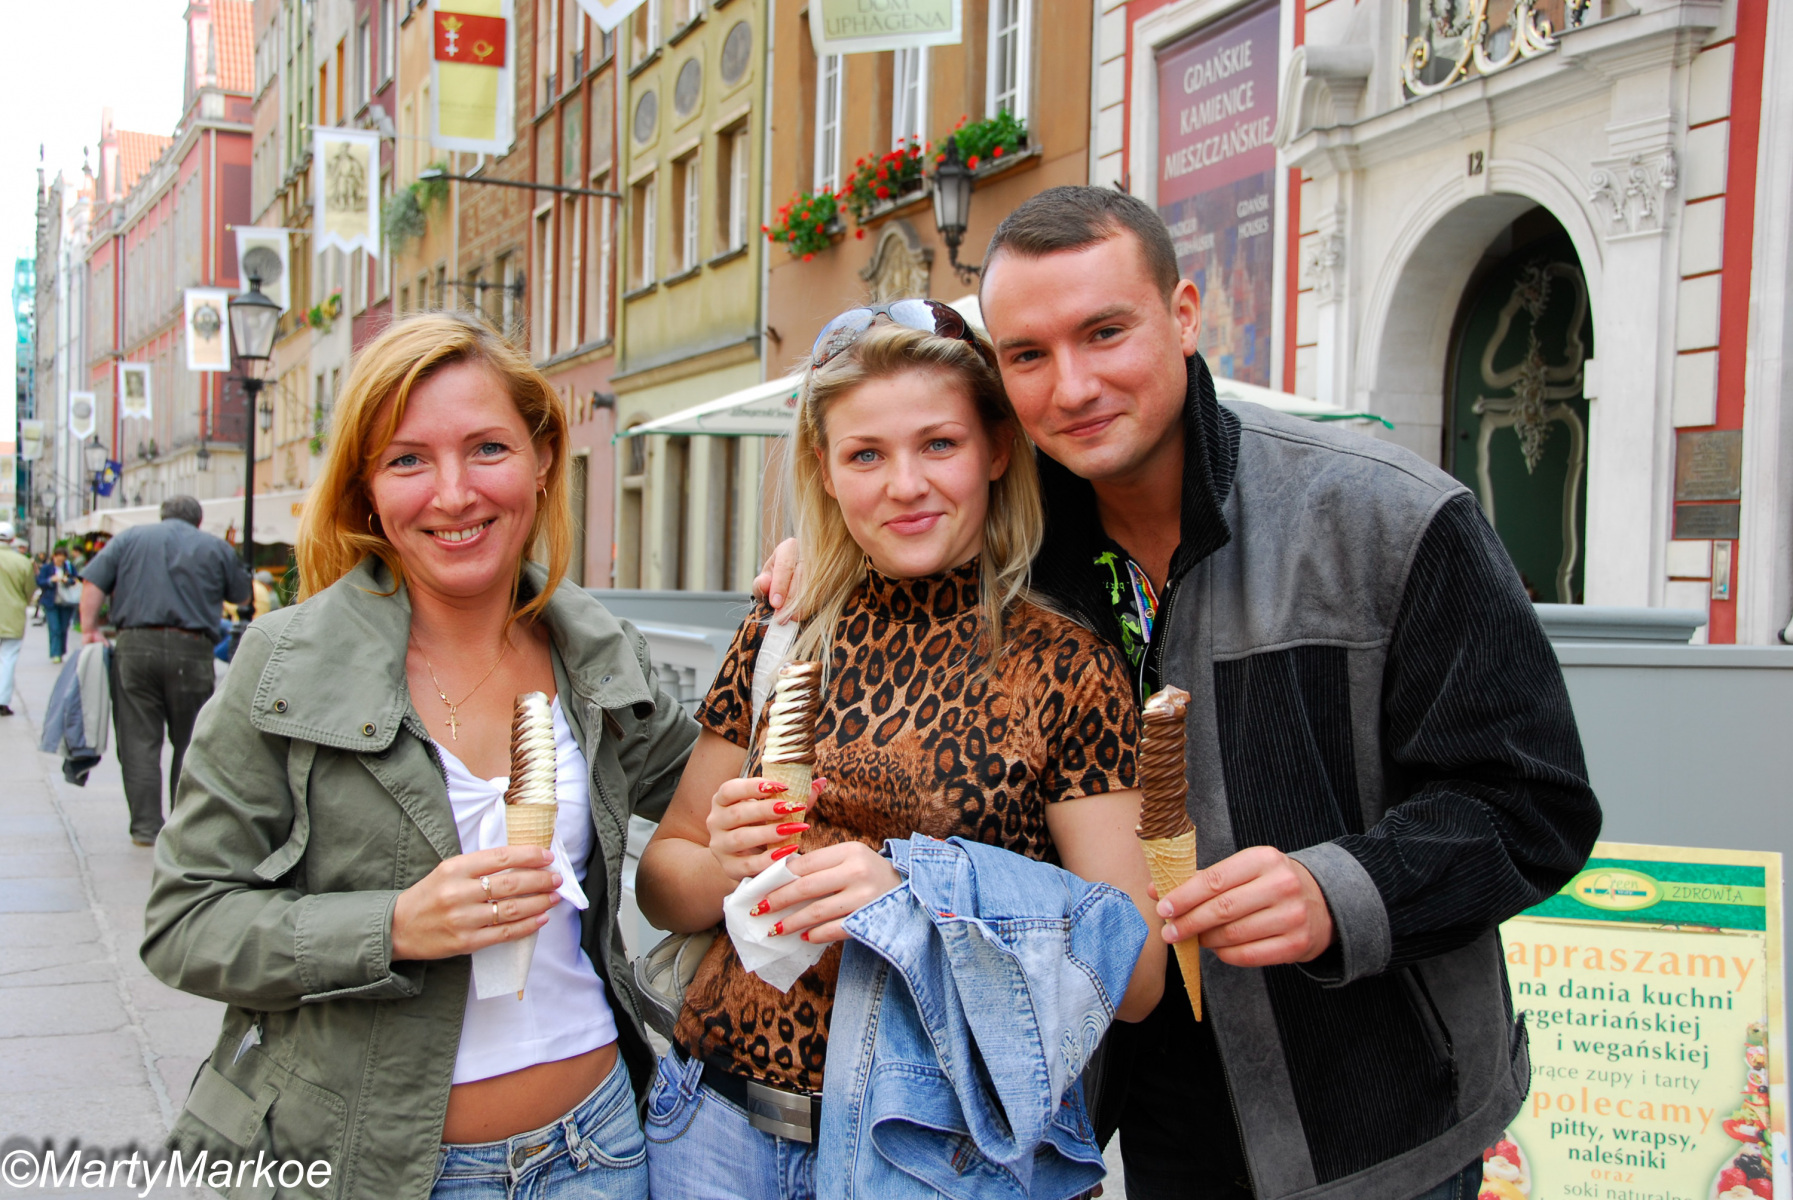 Gdansk-street-portrait